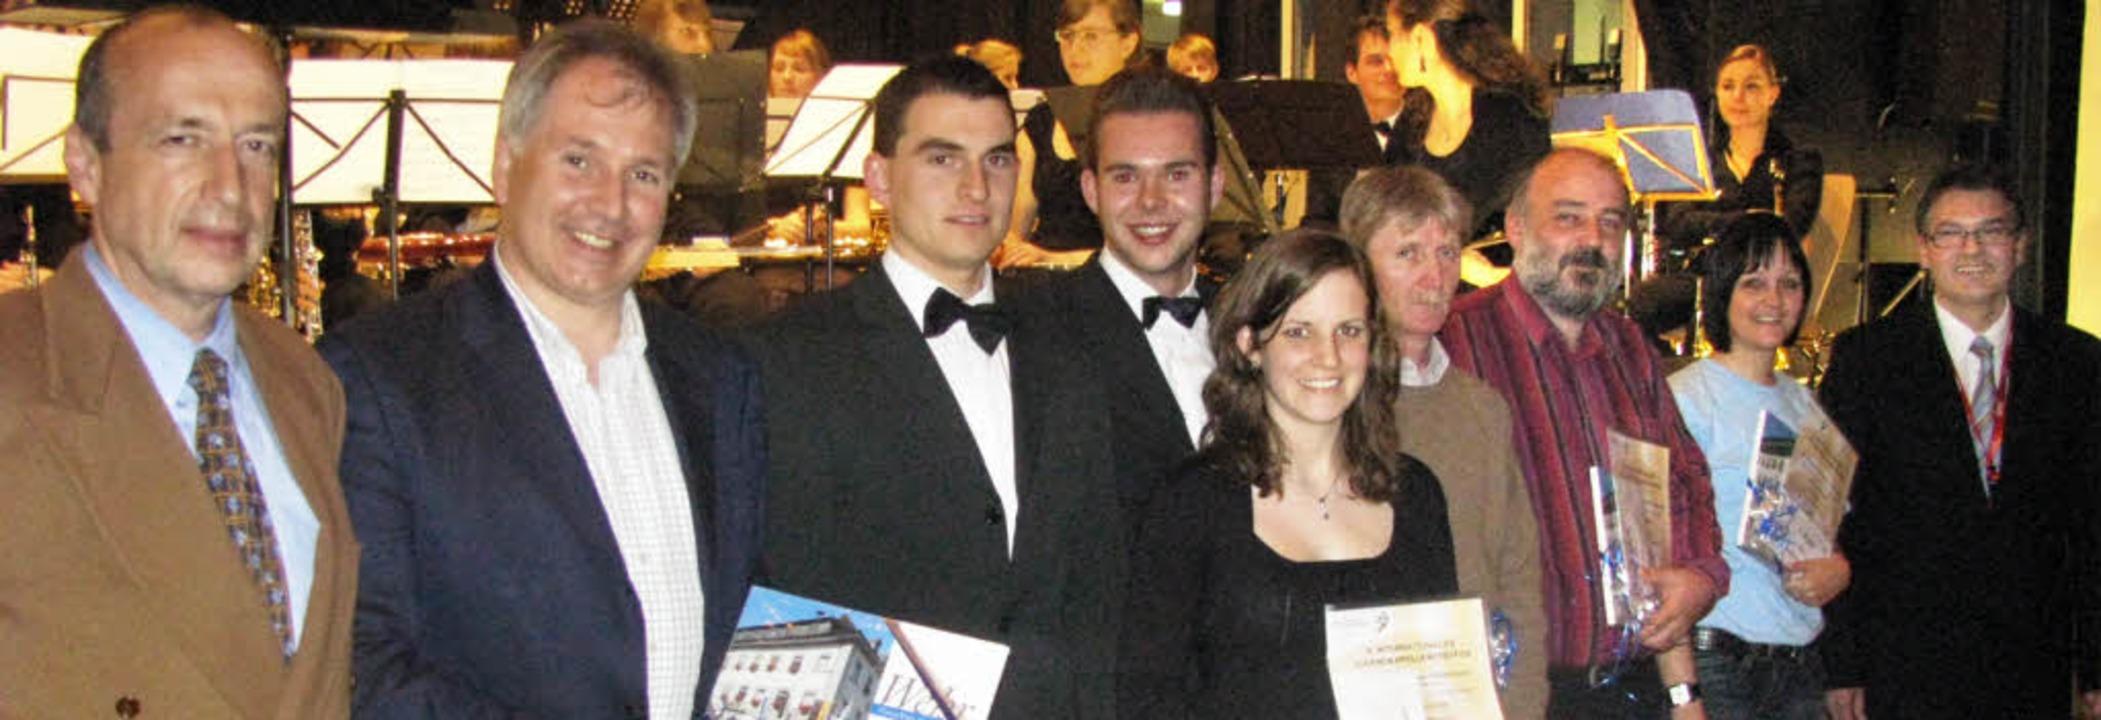 Die Vertreter der Siegerorchester Ulm,...eidler, rechts Siegfried Rappenecker.   | Foto: Michael Gottstein